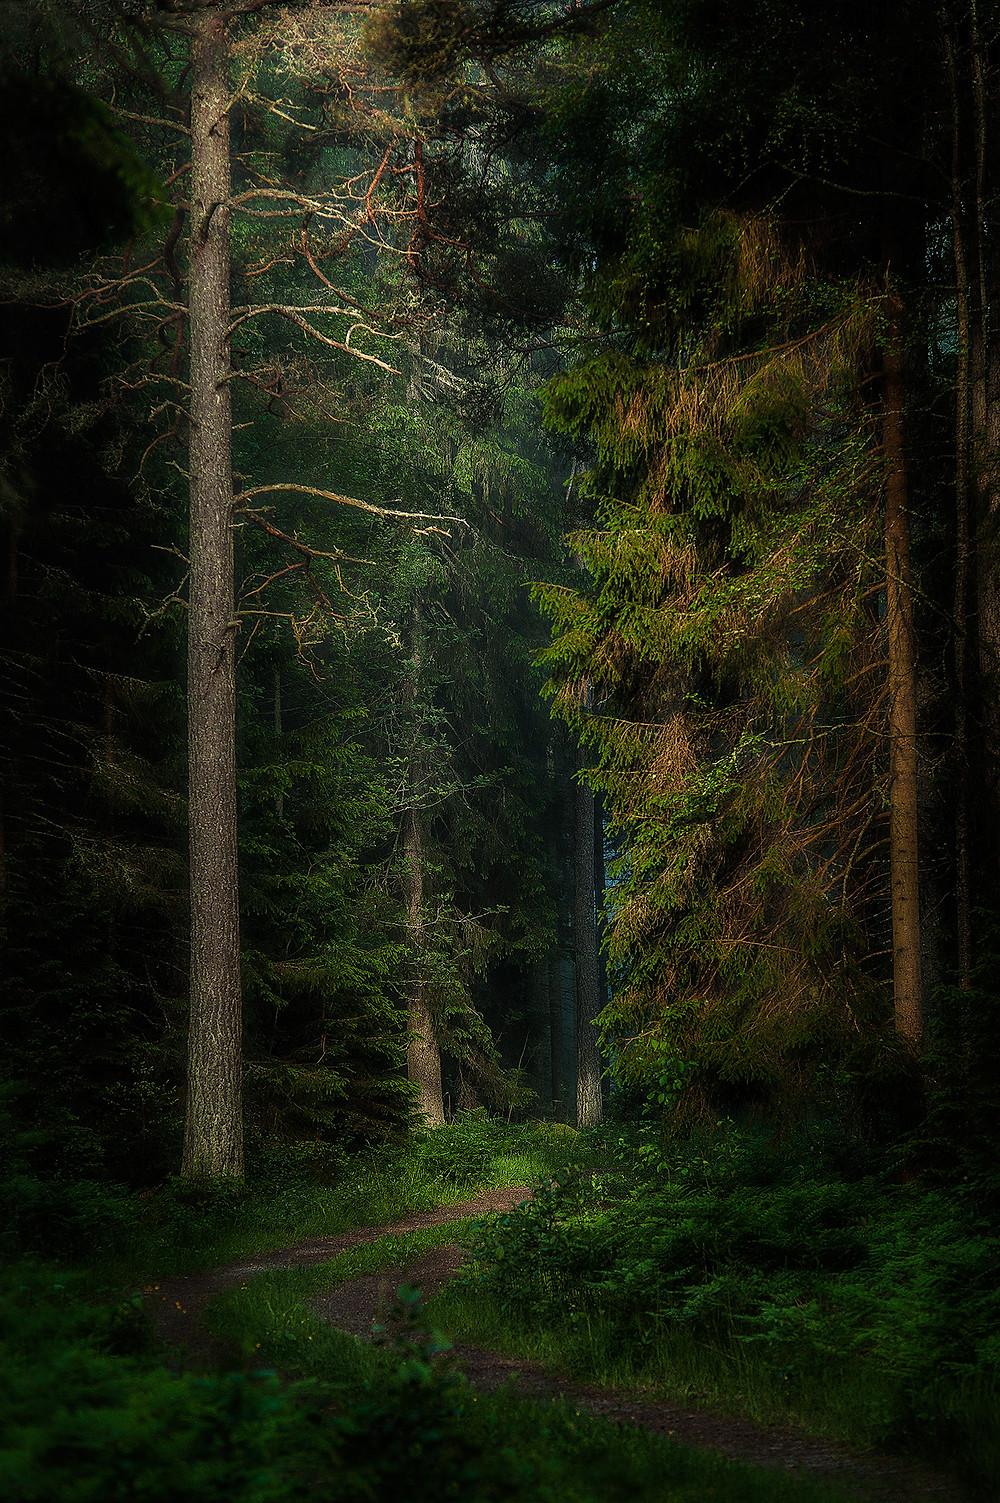 belyst-skogsväg-tidig-morgon.jpg